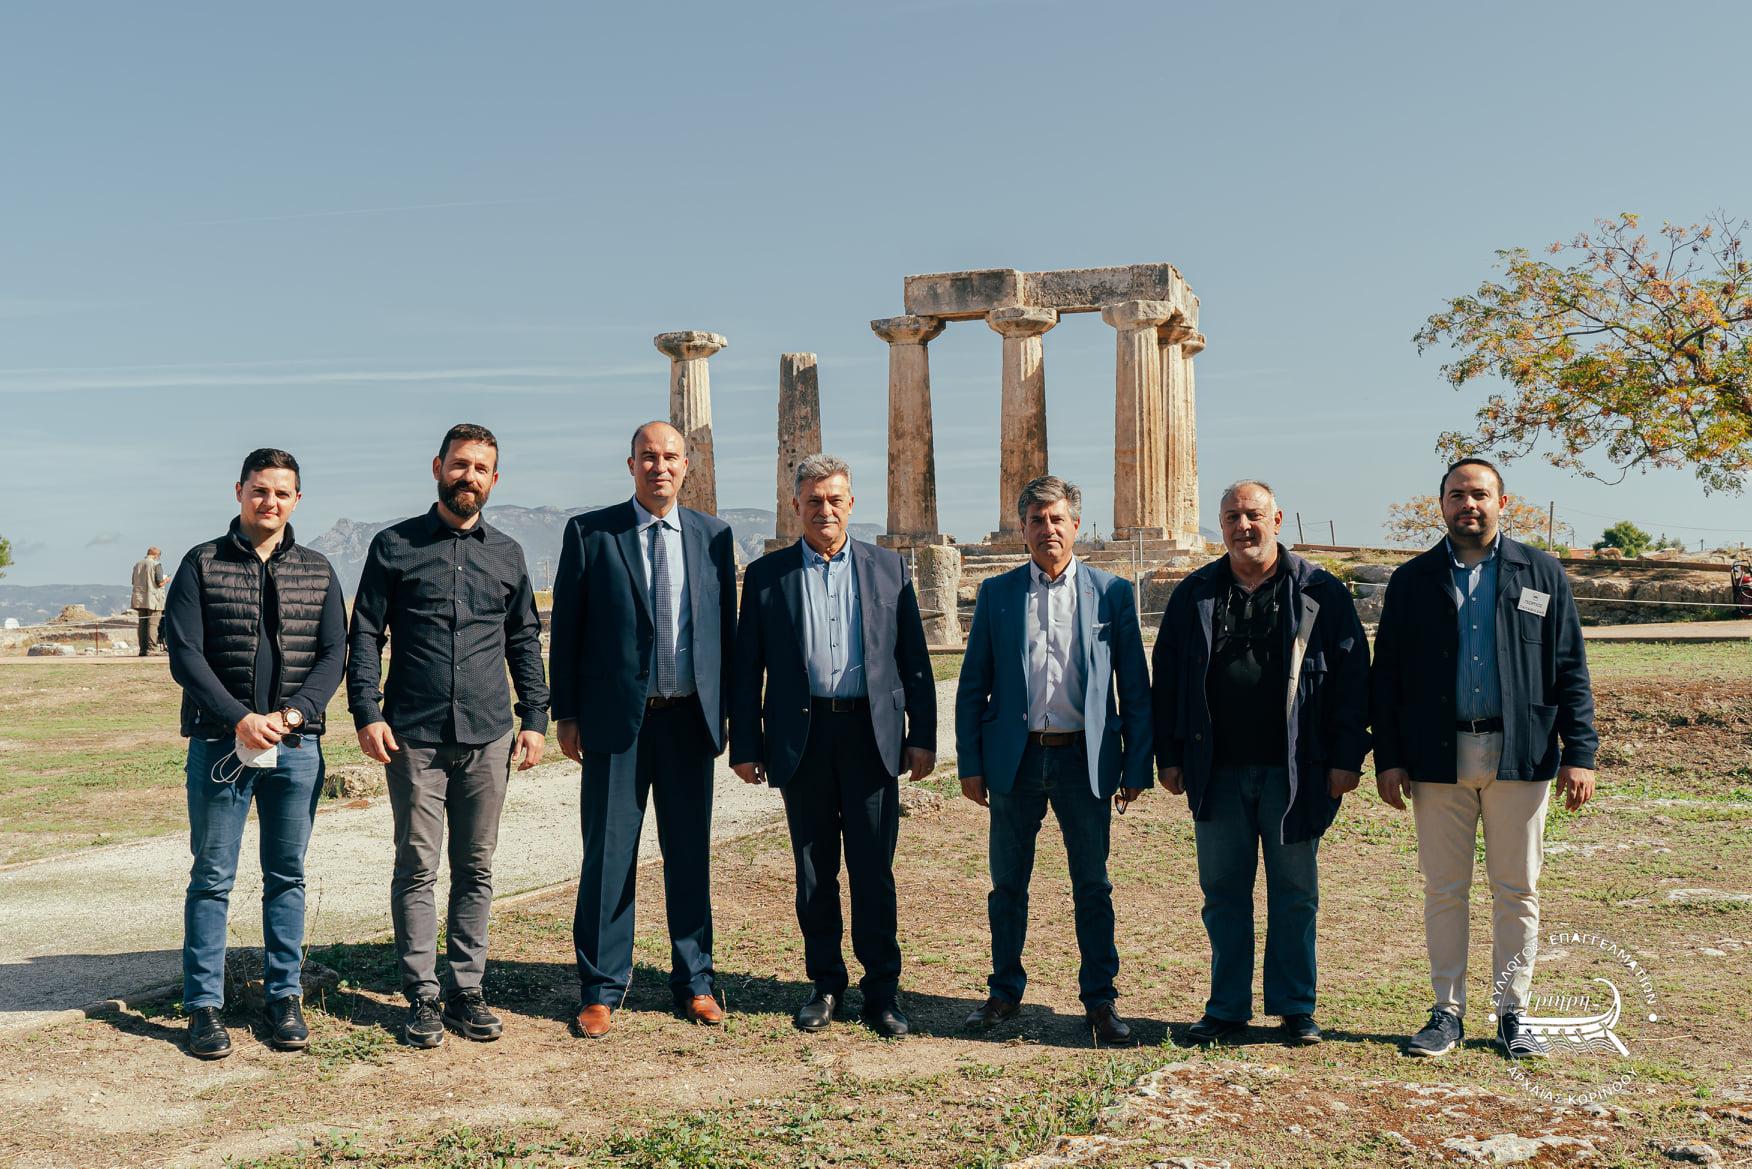 Στις δράσεις για την Παγκόσμια Ημέρα Αρχαιολογίας ο Δήμαρχος Κορινθίων Β.Νανόπουλος